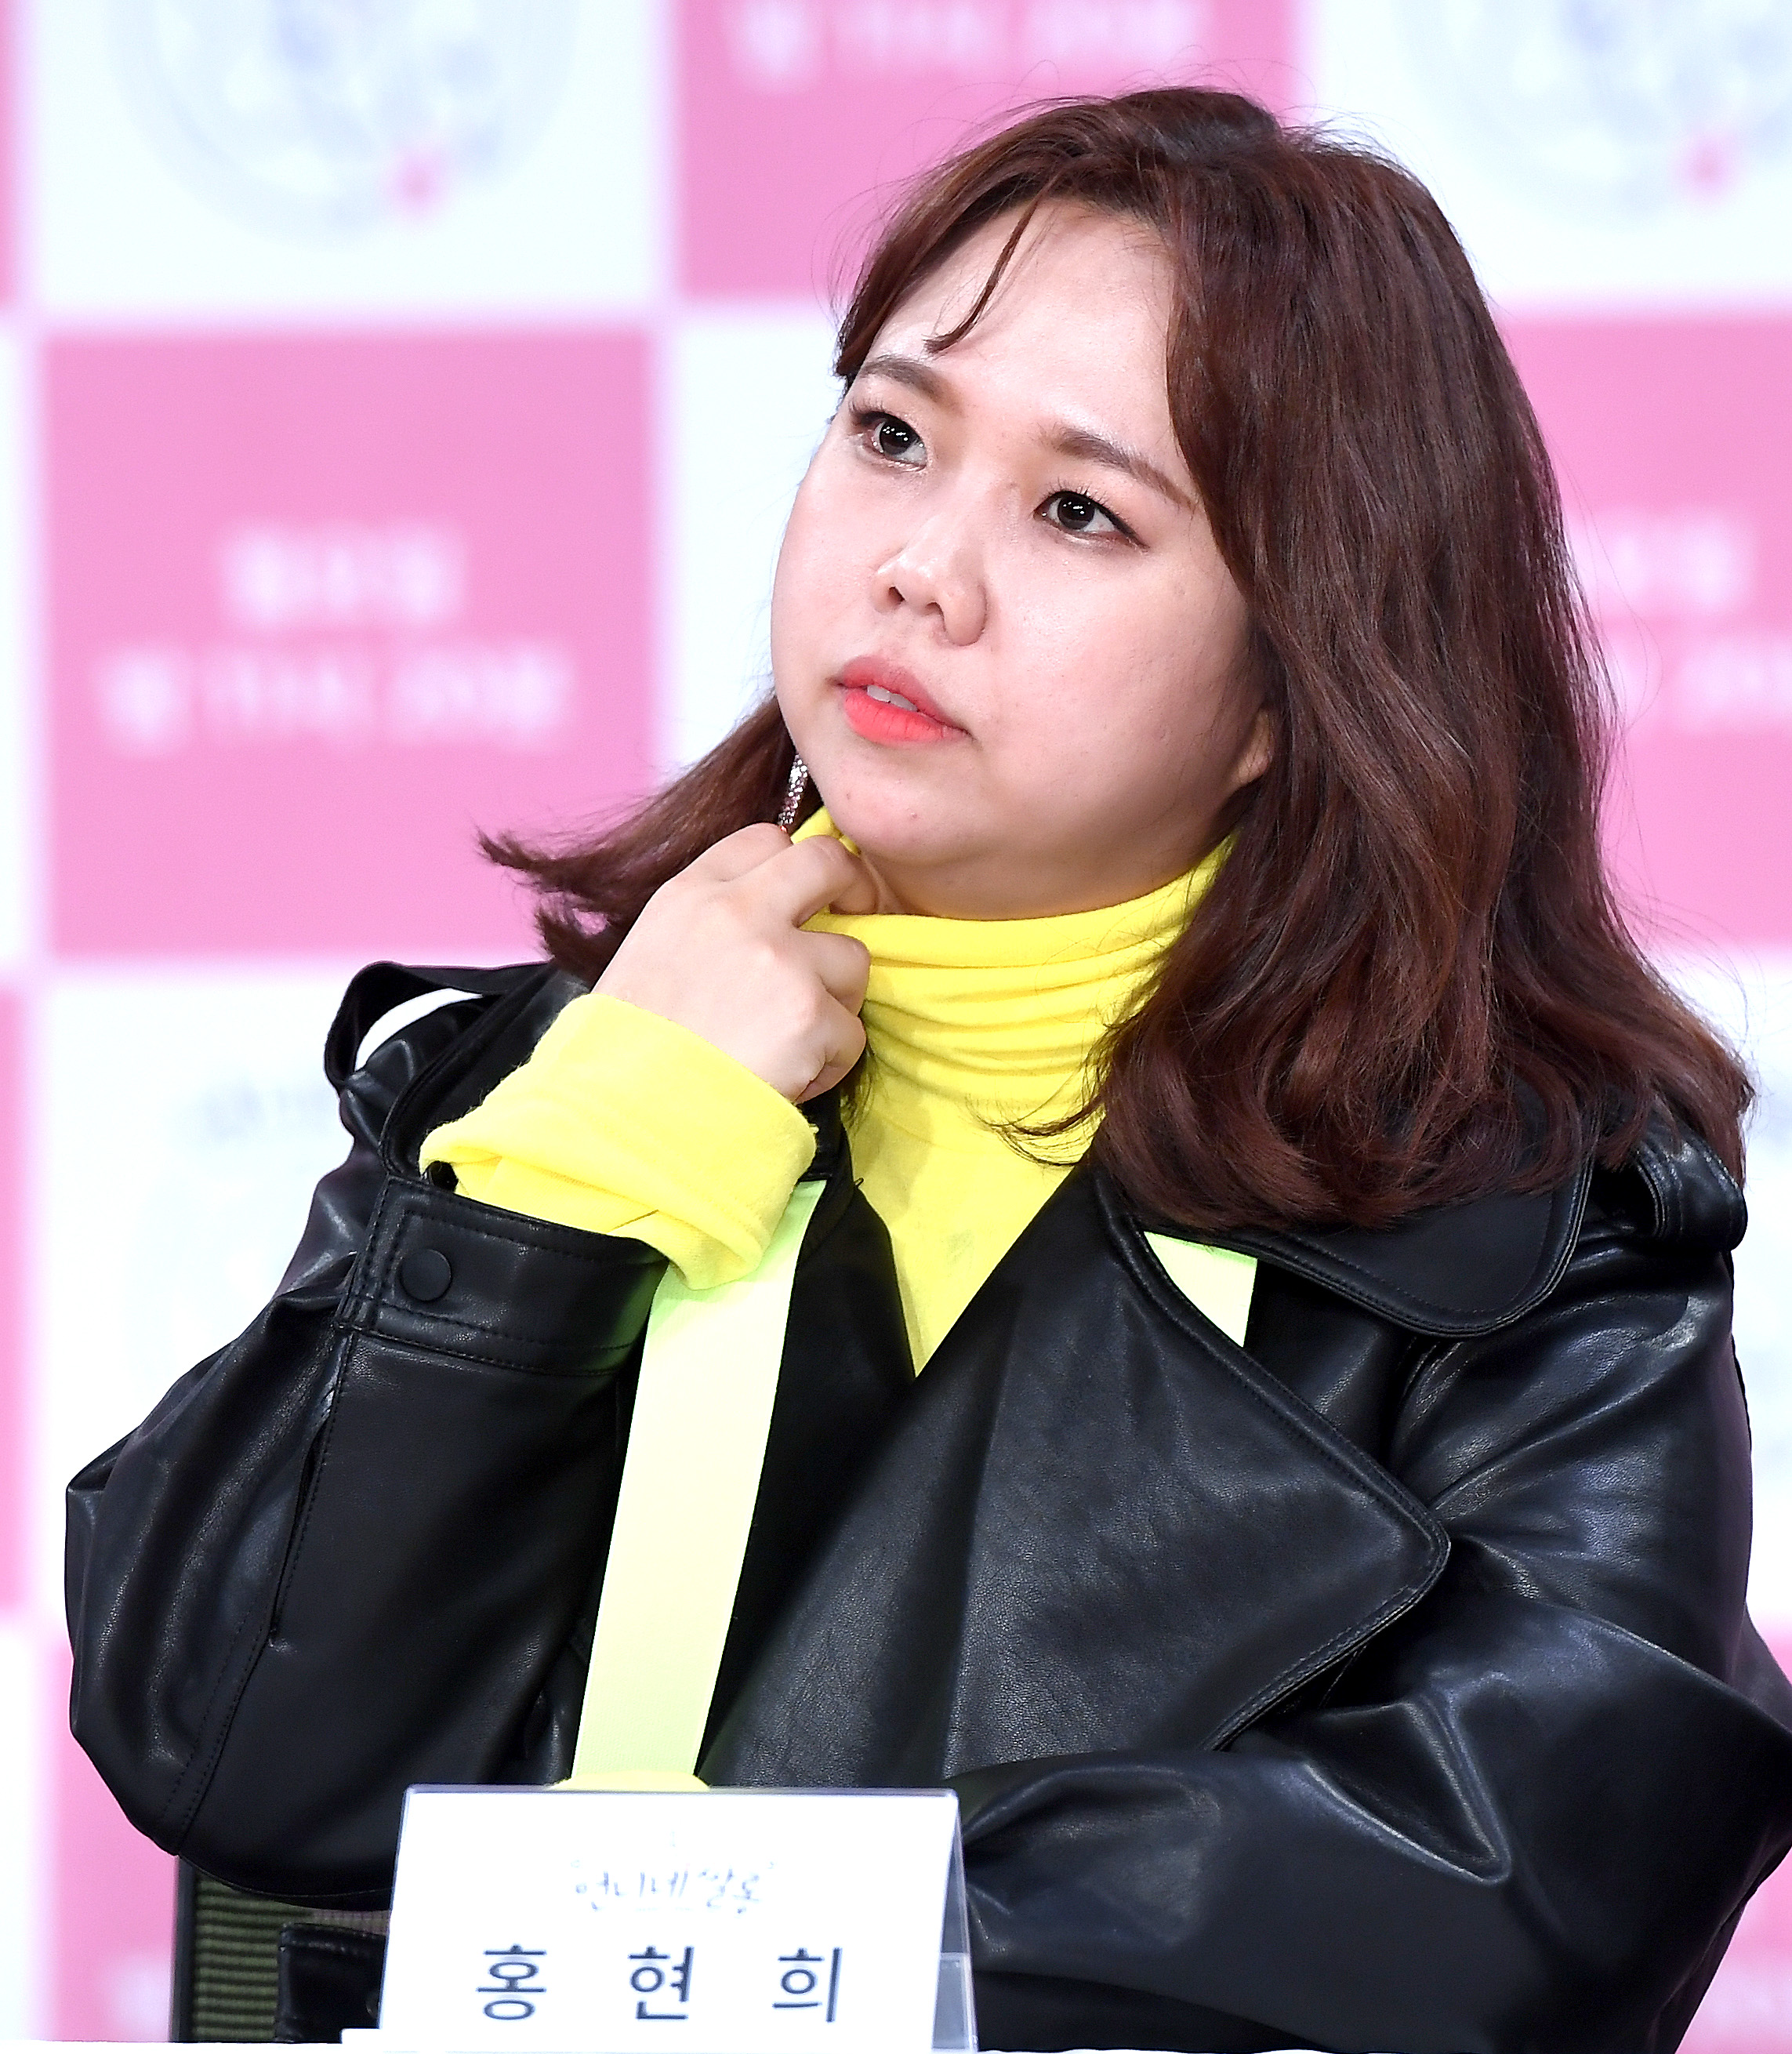 """홍현희, 학폭 부인 """"내 외모로 친구 외모 비하? 말도 안돼...떳떳하다""""(공식입장)"""